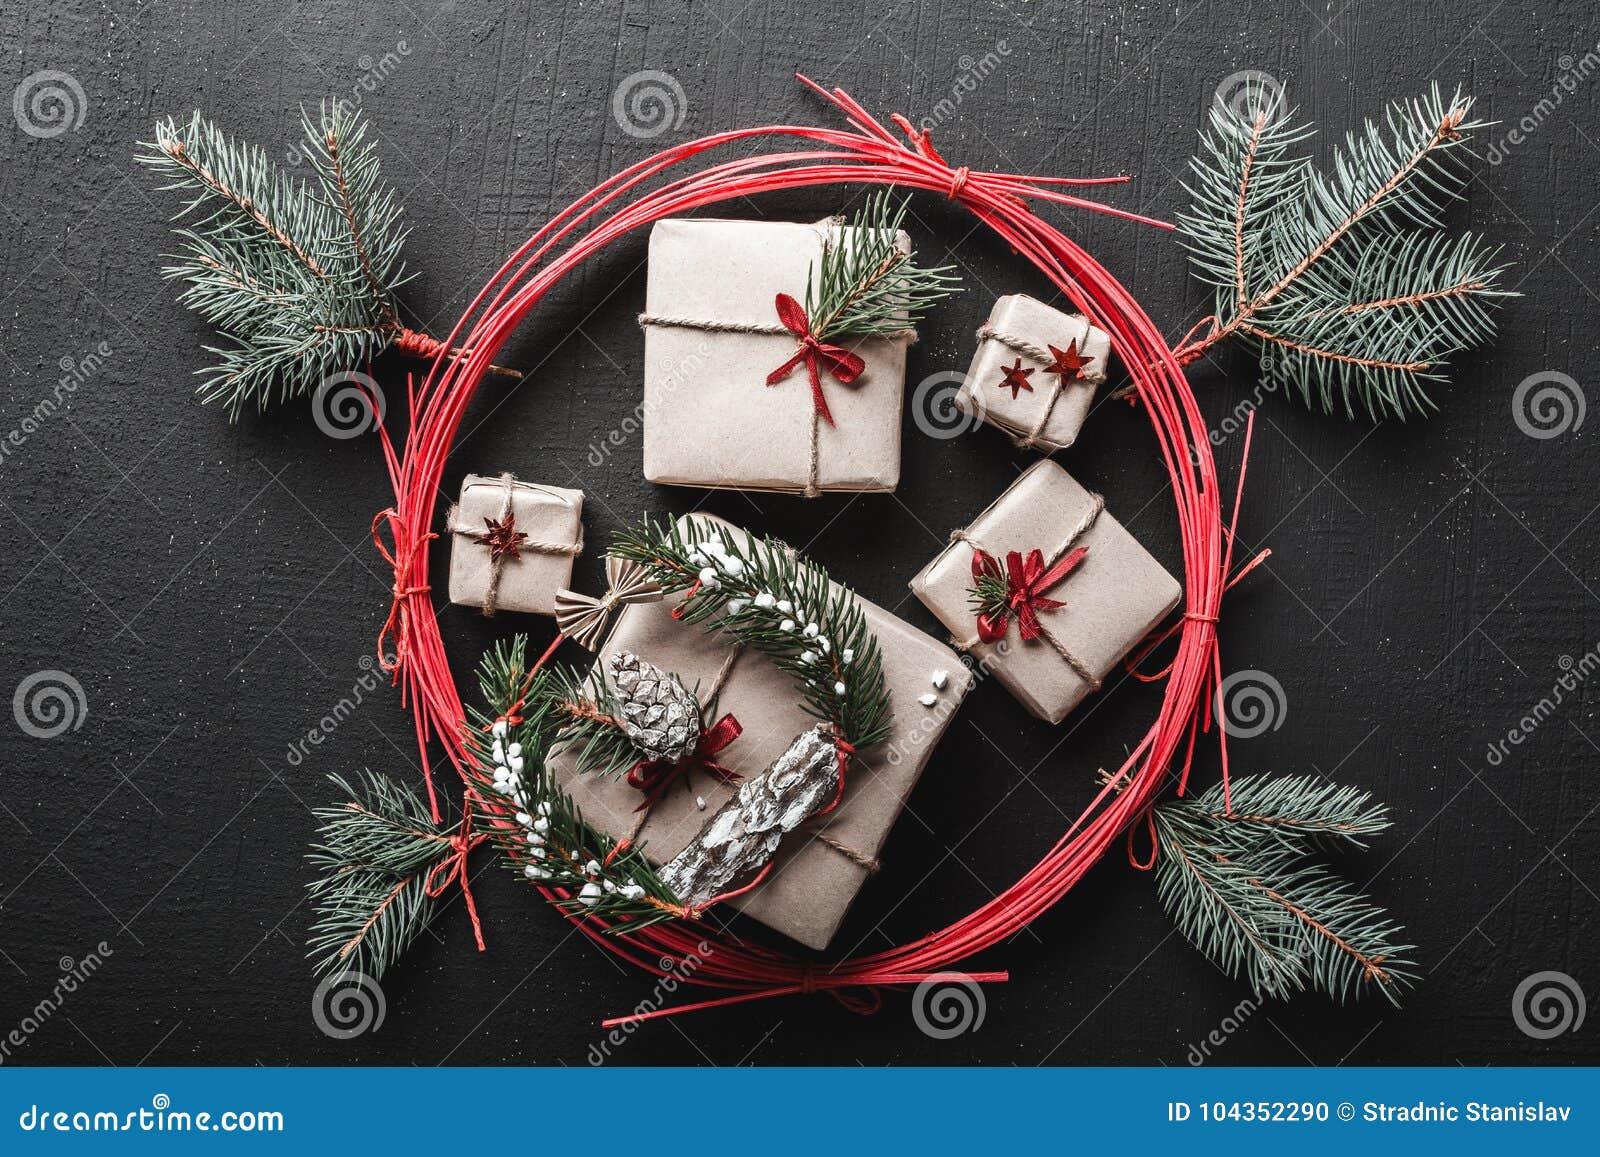 Weihnachten- und neues Jahr ` s Tagesgrußkarte mit vielen Geschenken für Winterurlaube umgeben durch einen roten Kreis, Feiertag